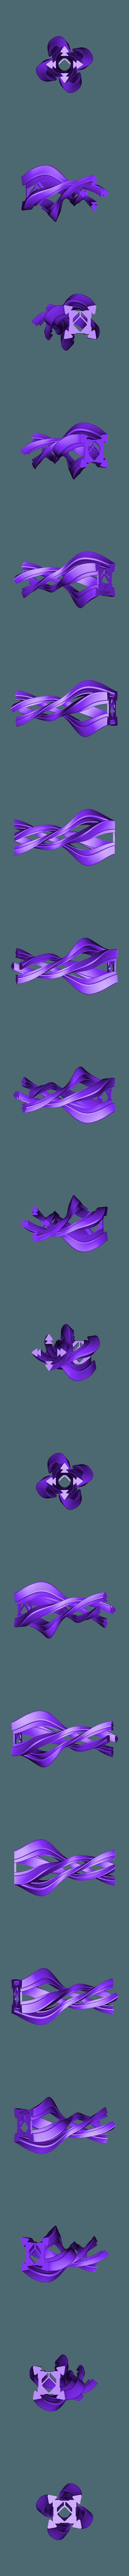 Vase_Genapart_V2-1-a.stl Download free STL file New 2 colors vases • 3D printable design, Genapart